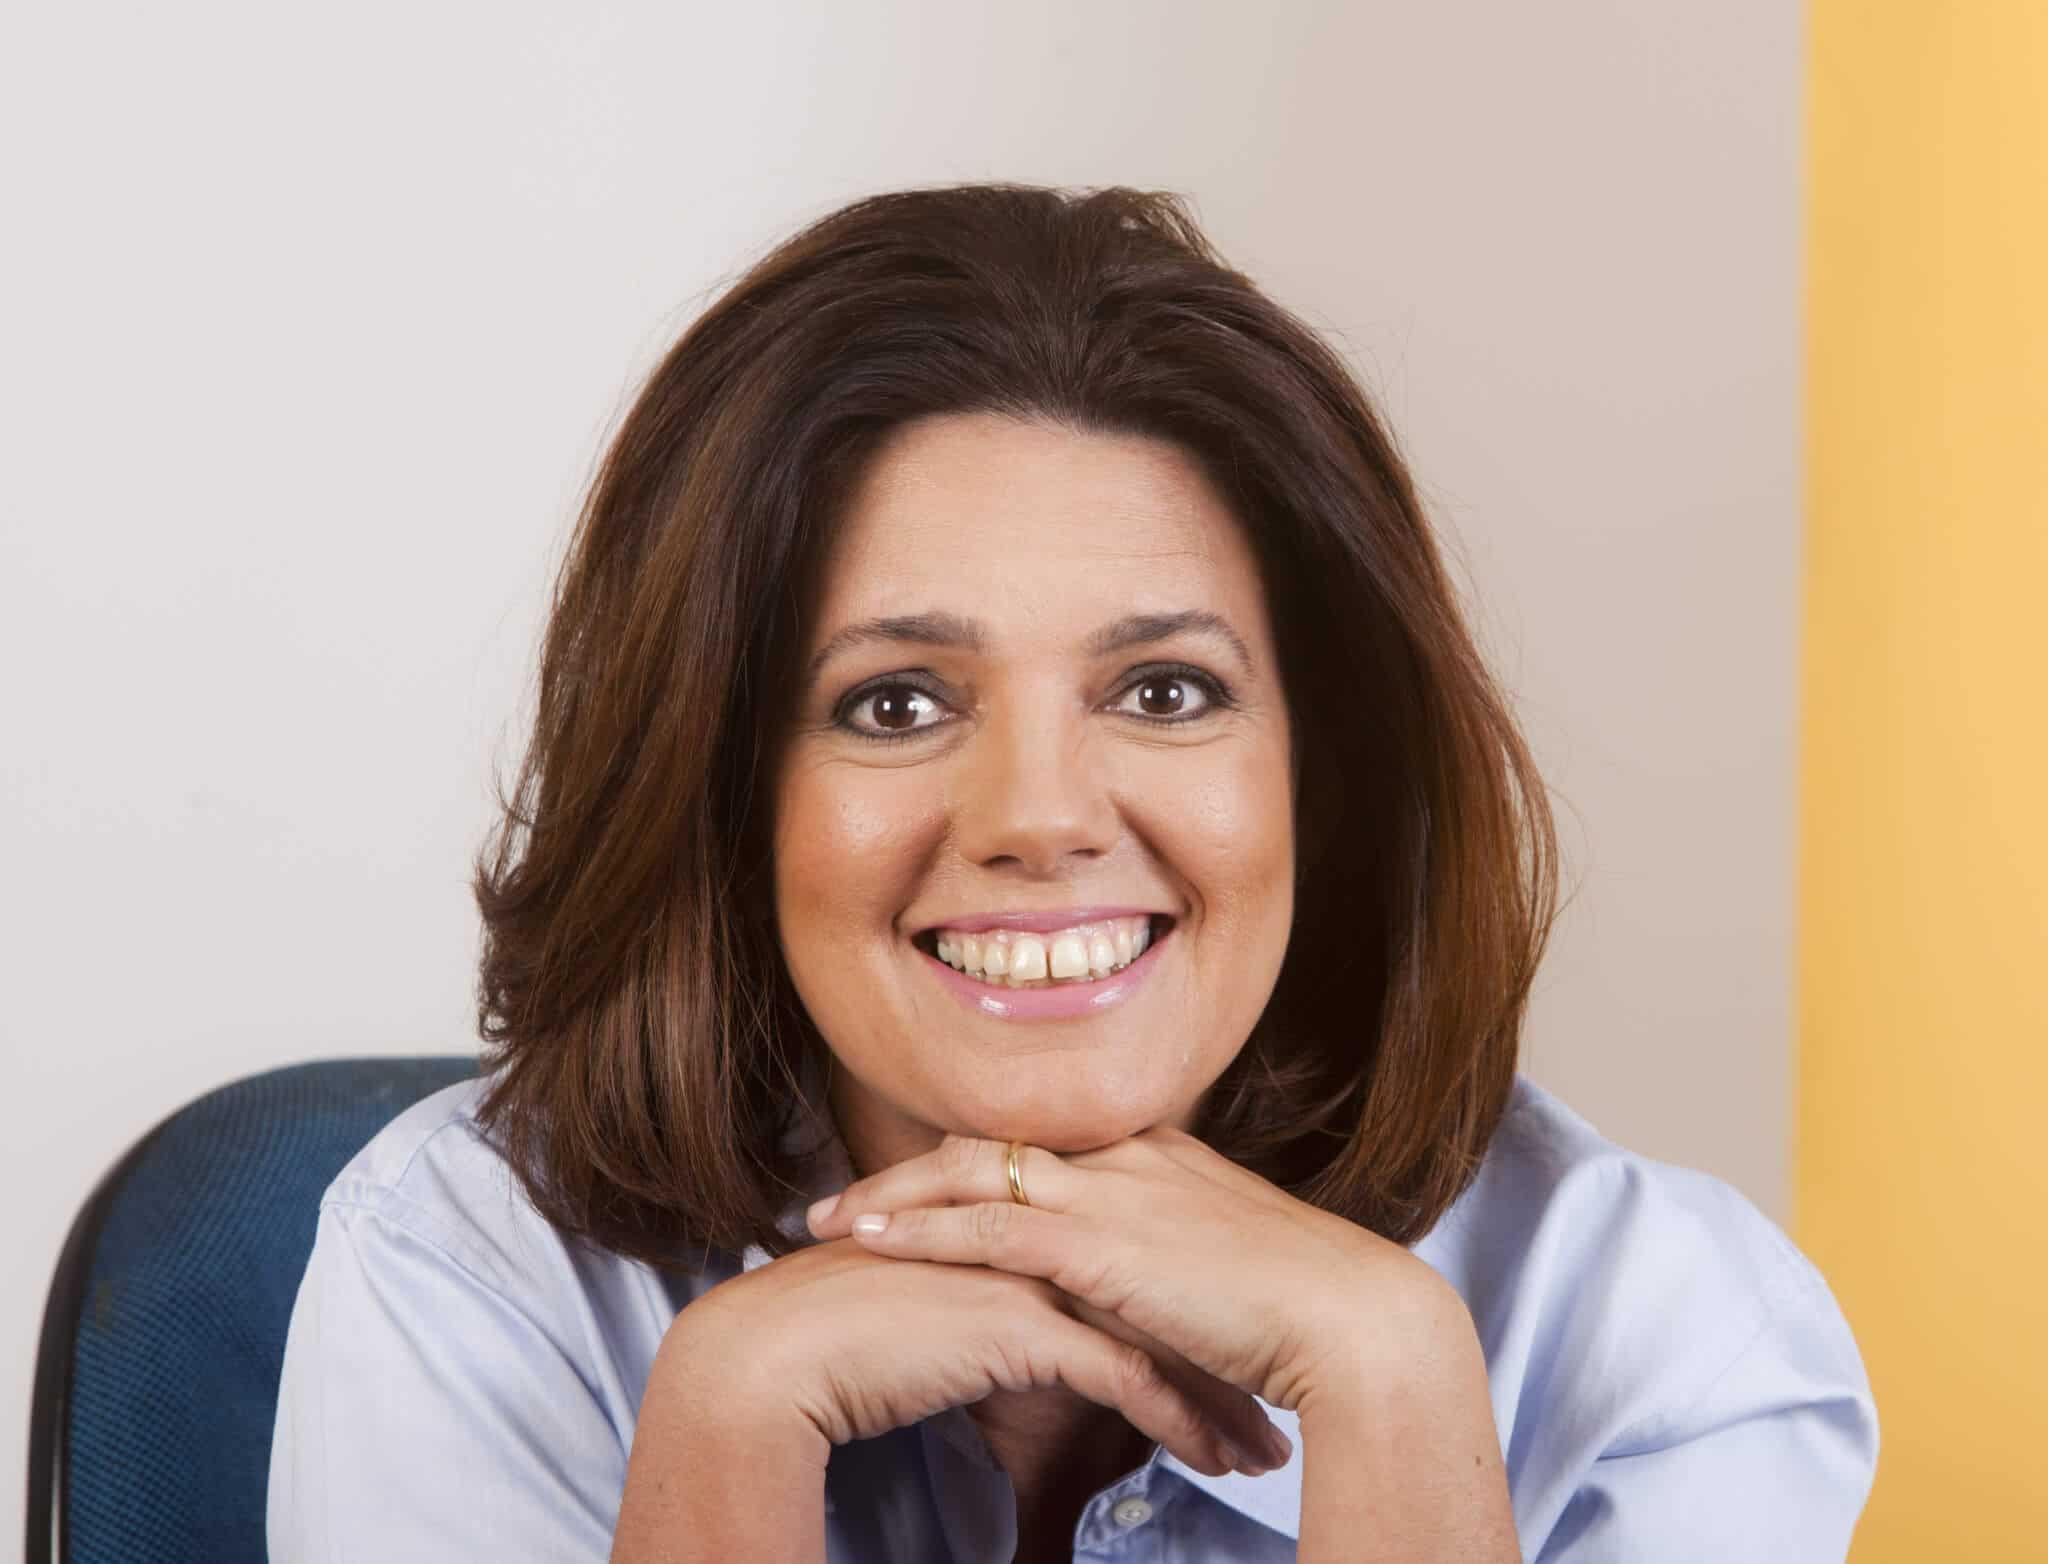 Mara Luquet palestrante de economia